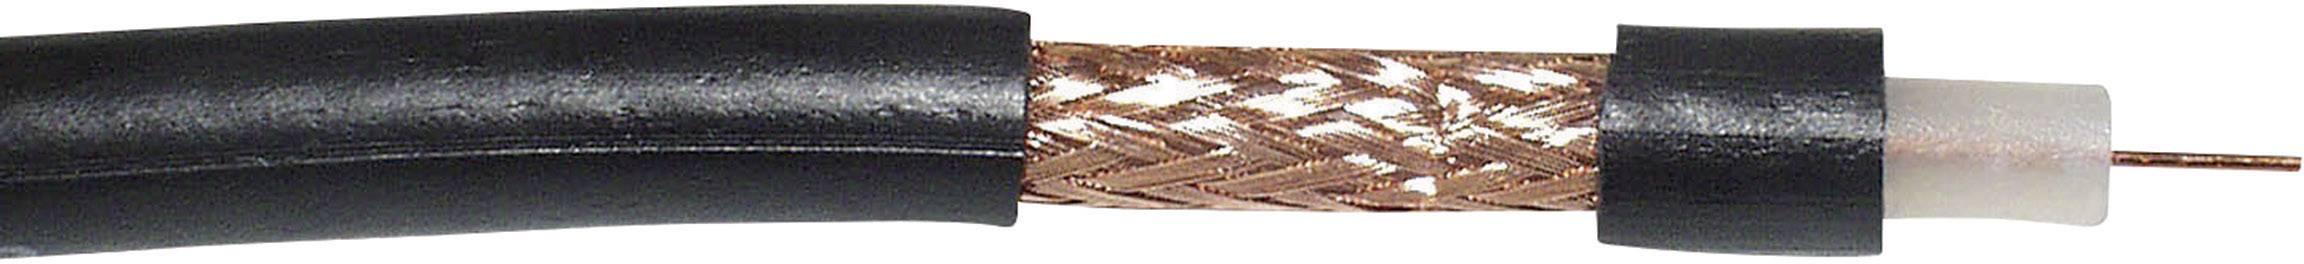 Koaxiální kabel VOKA Kabelwerk RG59 B/U, 300905-01, 75 Ohm, černá, metrové zboží